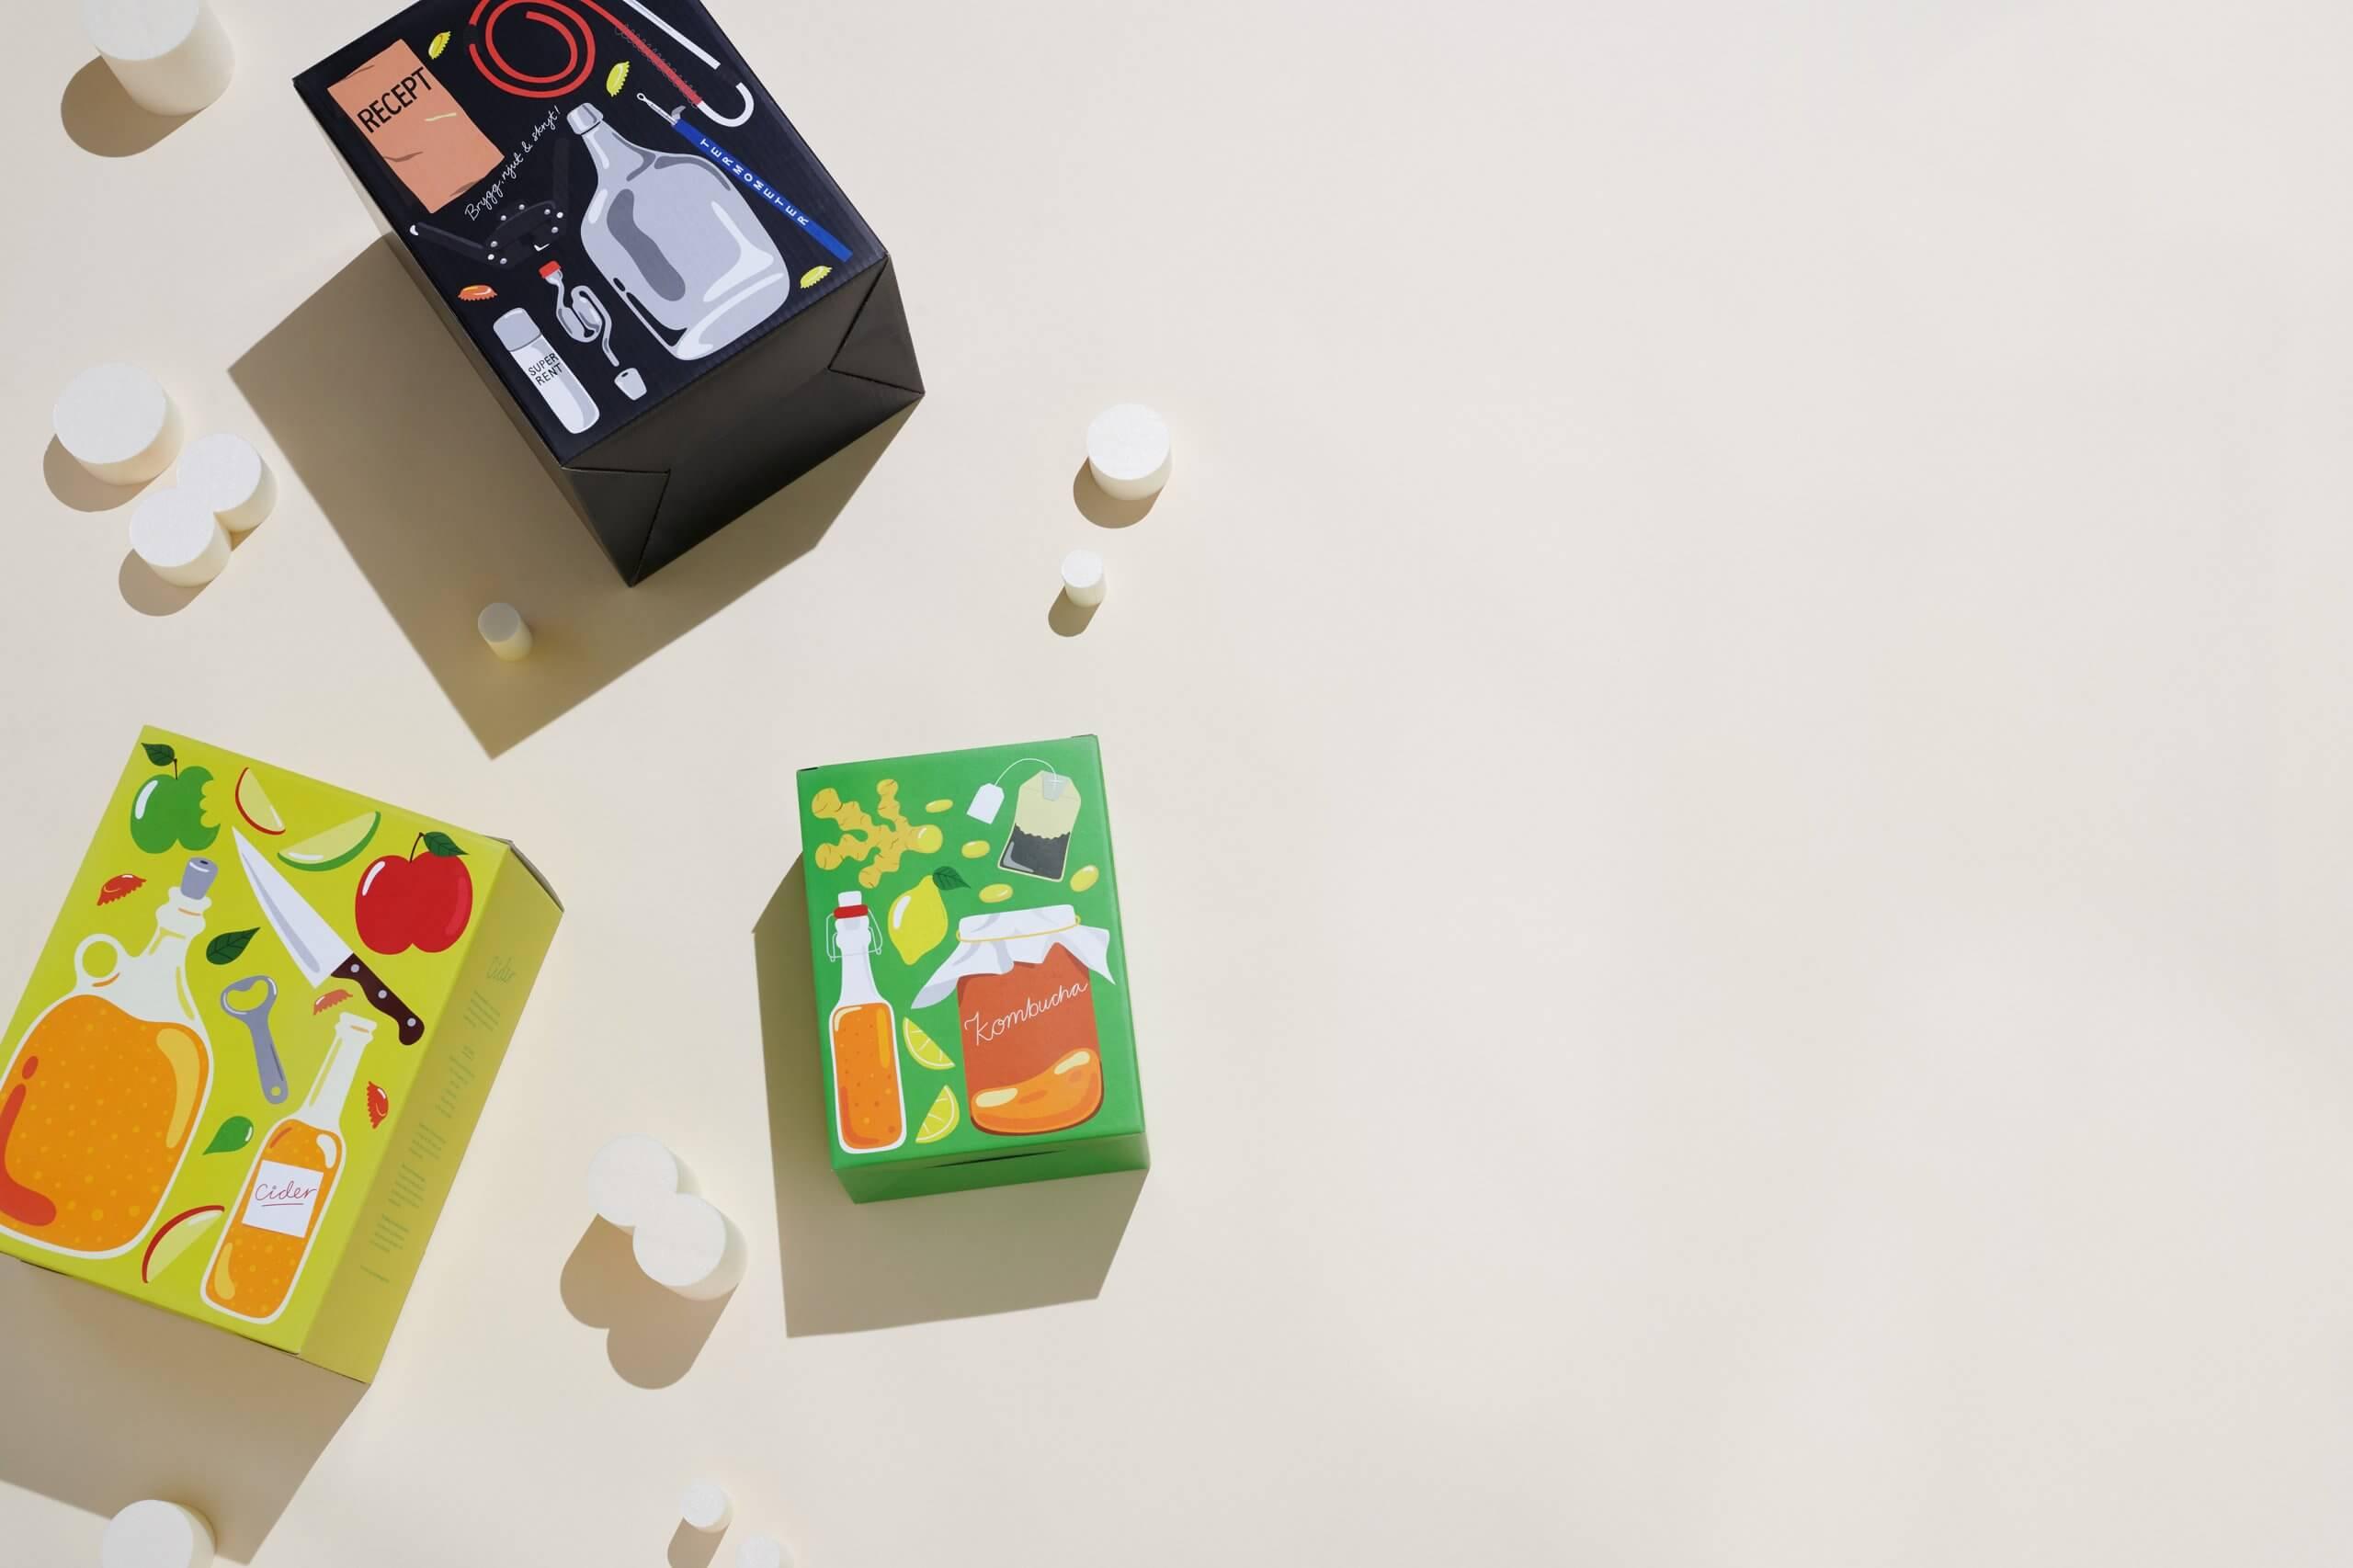 Det lilla köksbryggeriet packaging Packhelp